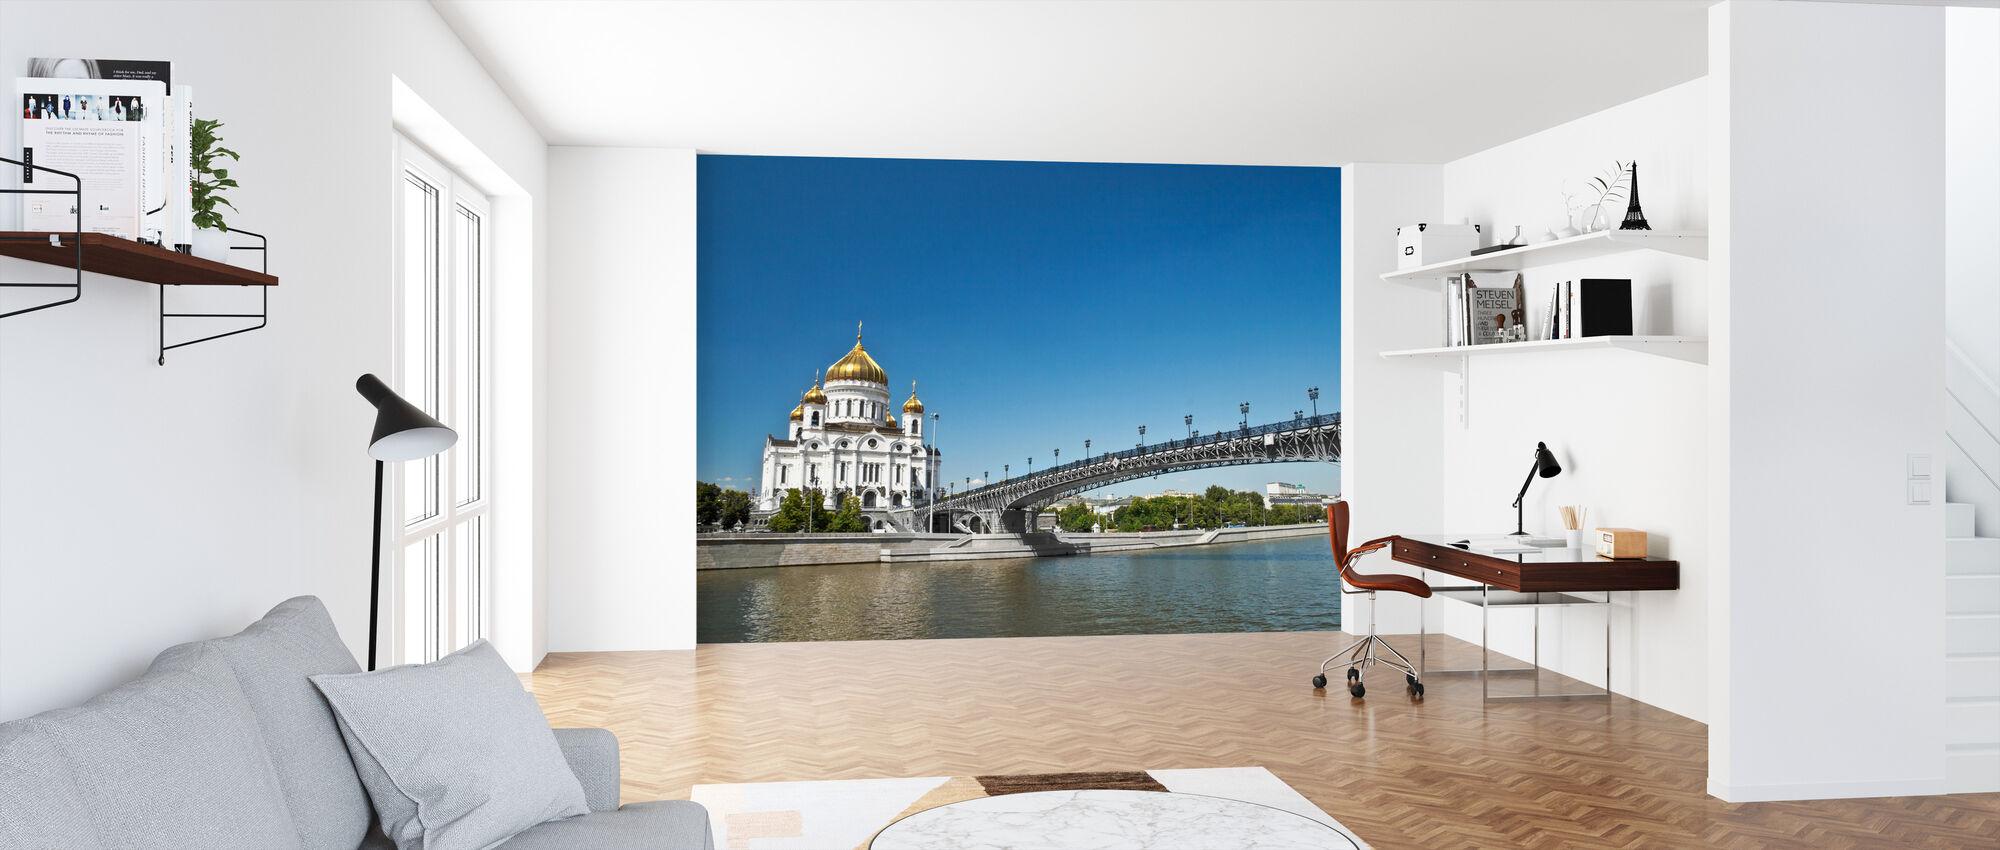 Kathedrale am Moskauer Ufer - Tapete - Büro